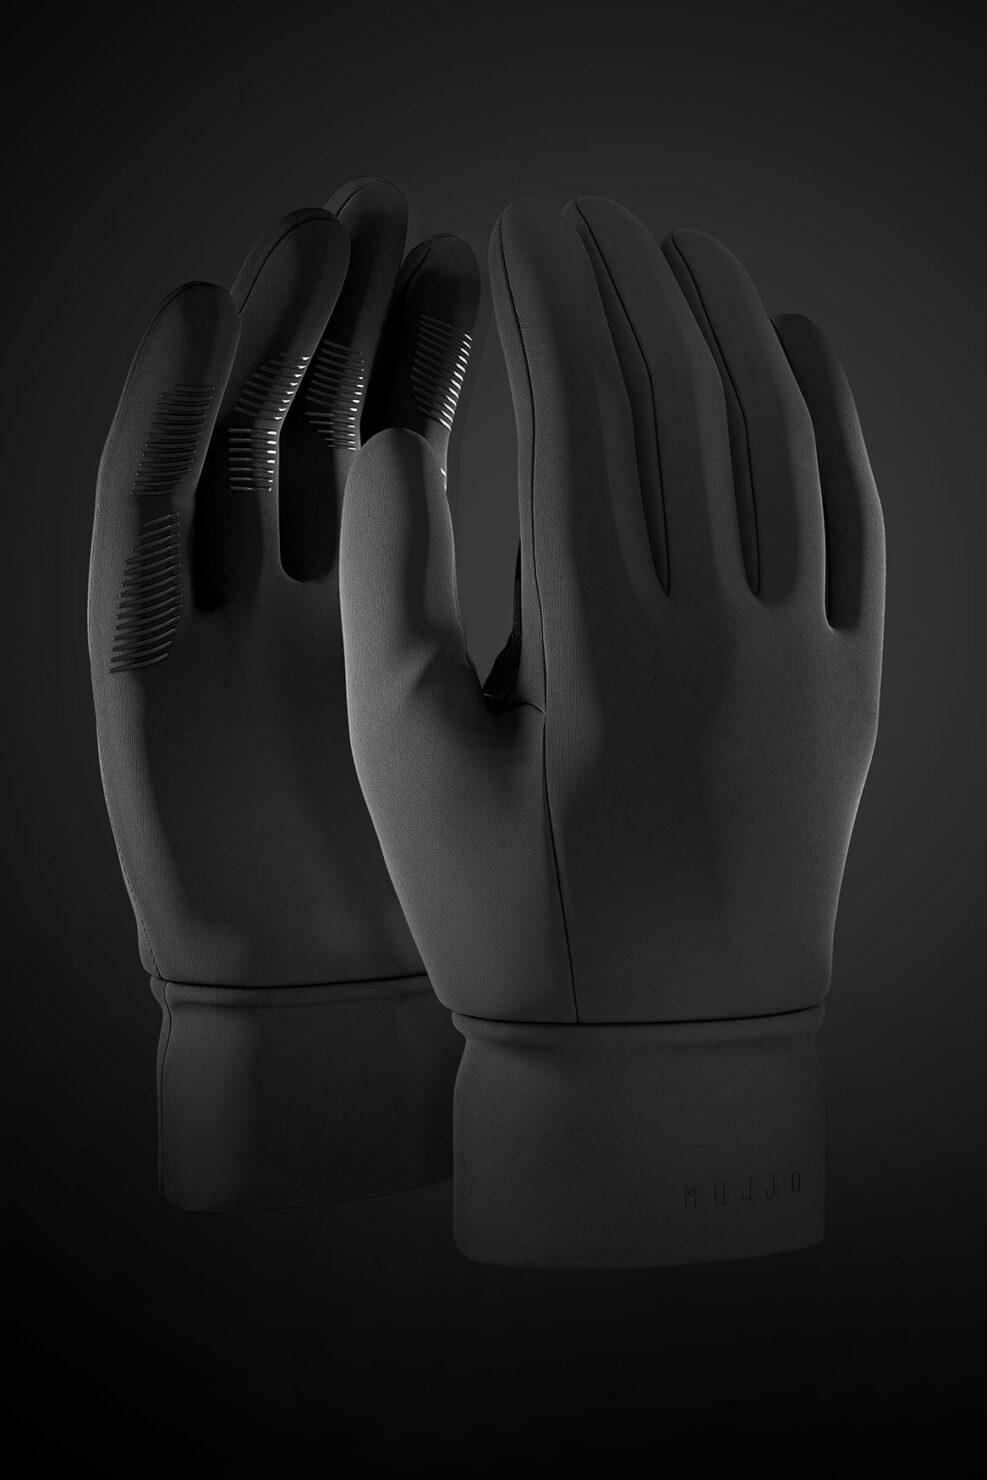 touchscreen-gloves-03